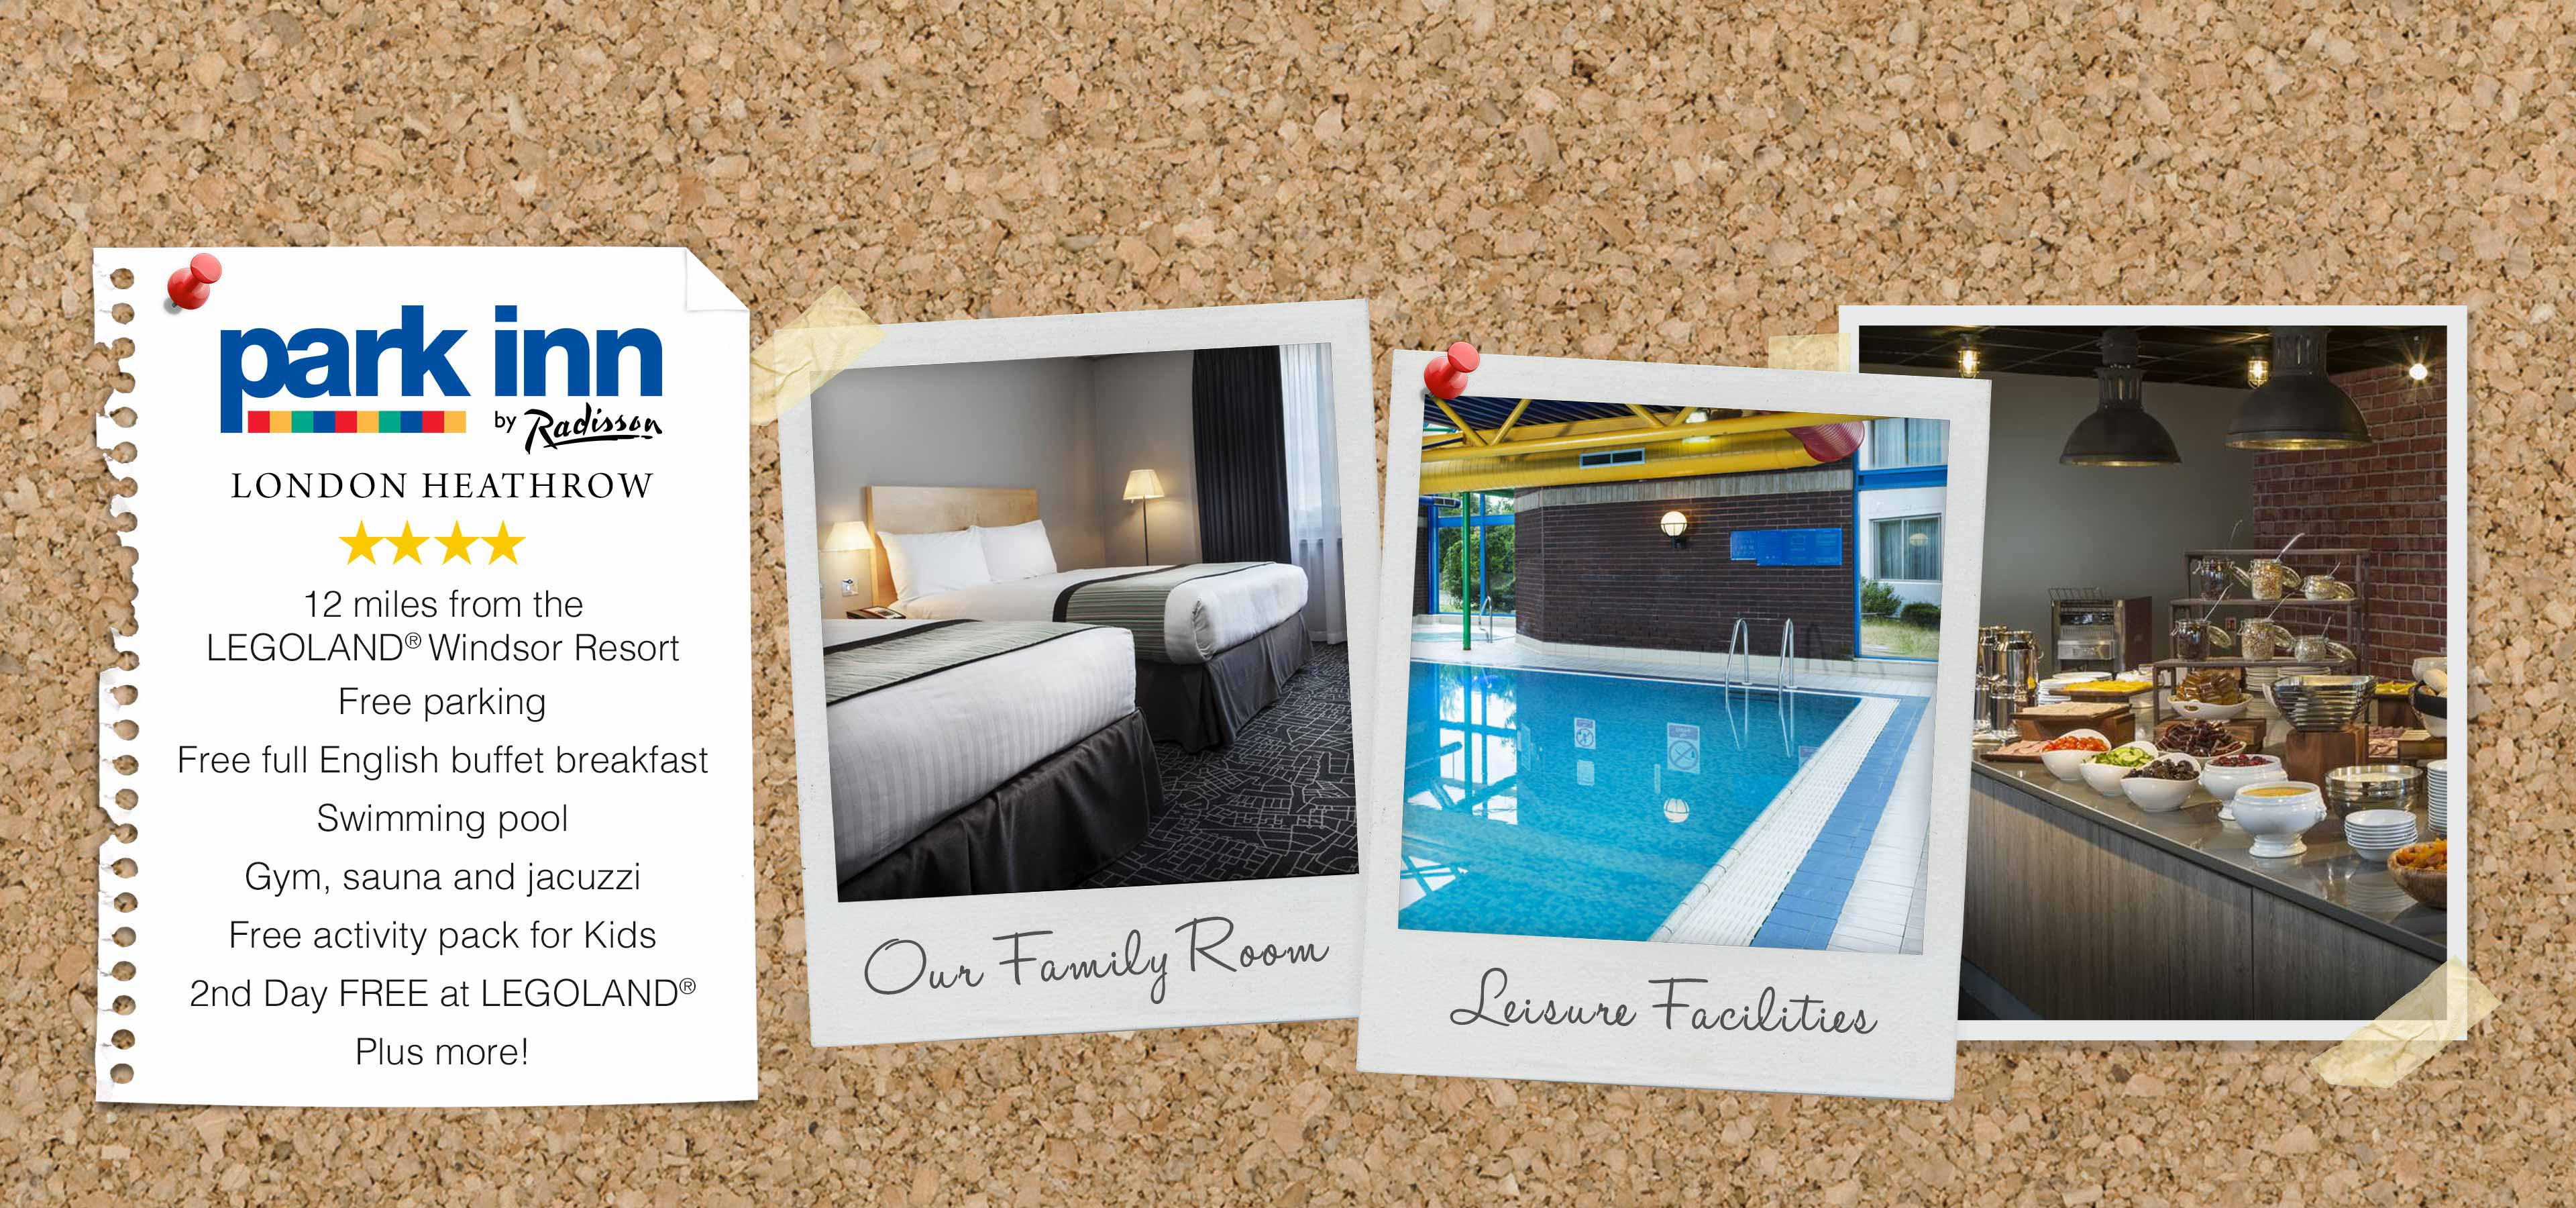 Park Inn Heathrow Hotels Near Legoland Windsor